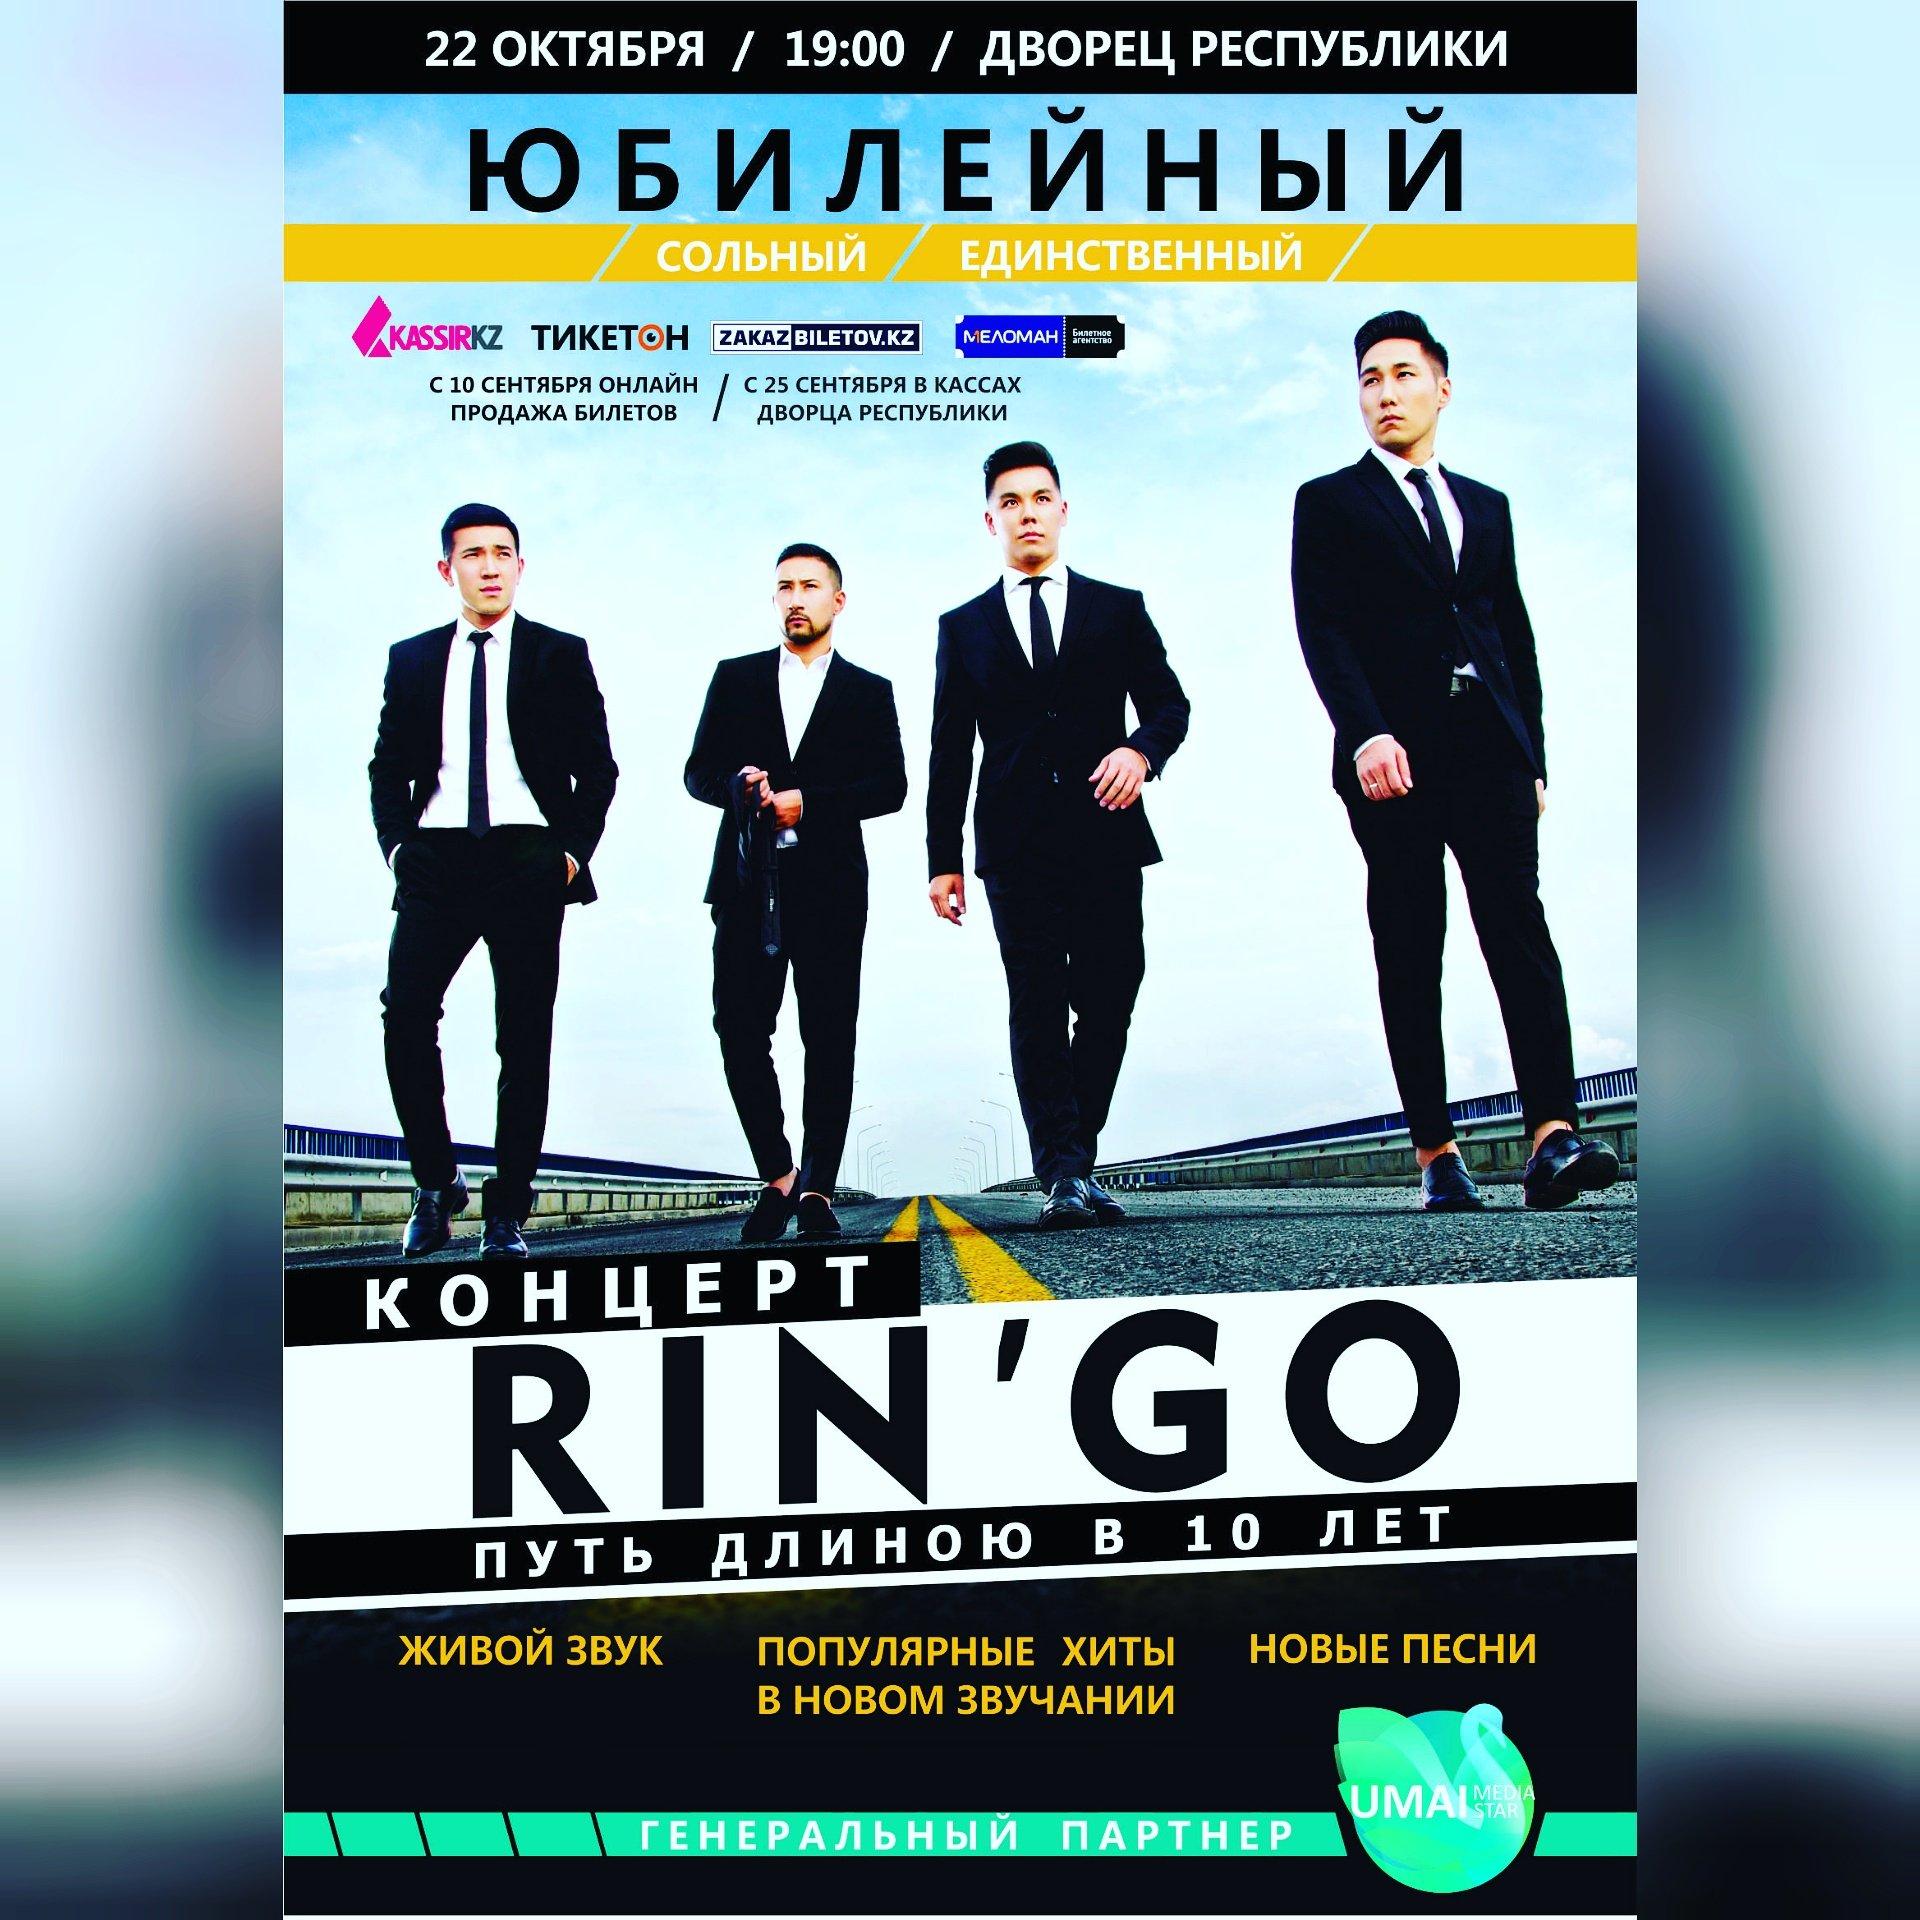 Ссылки Агентство заказ билетов на концерты в алматы дворец республики для города